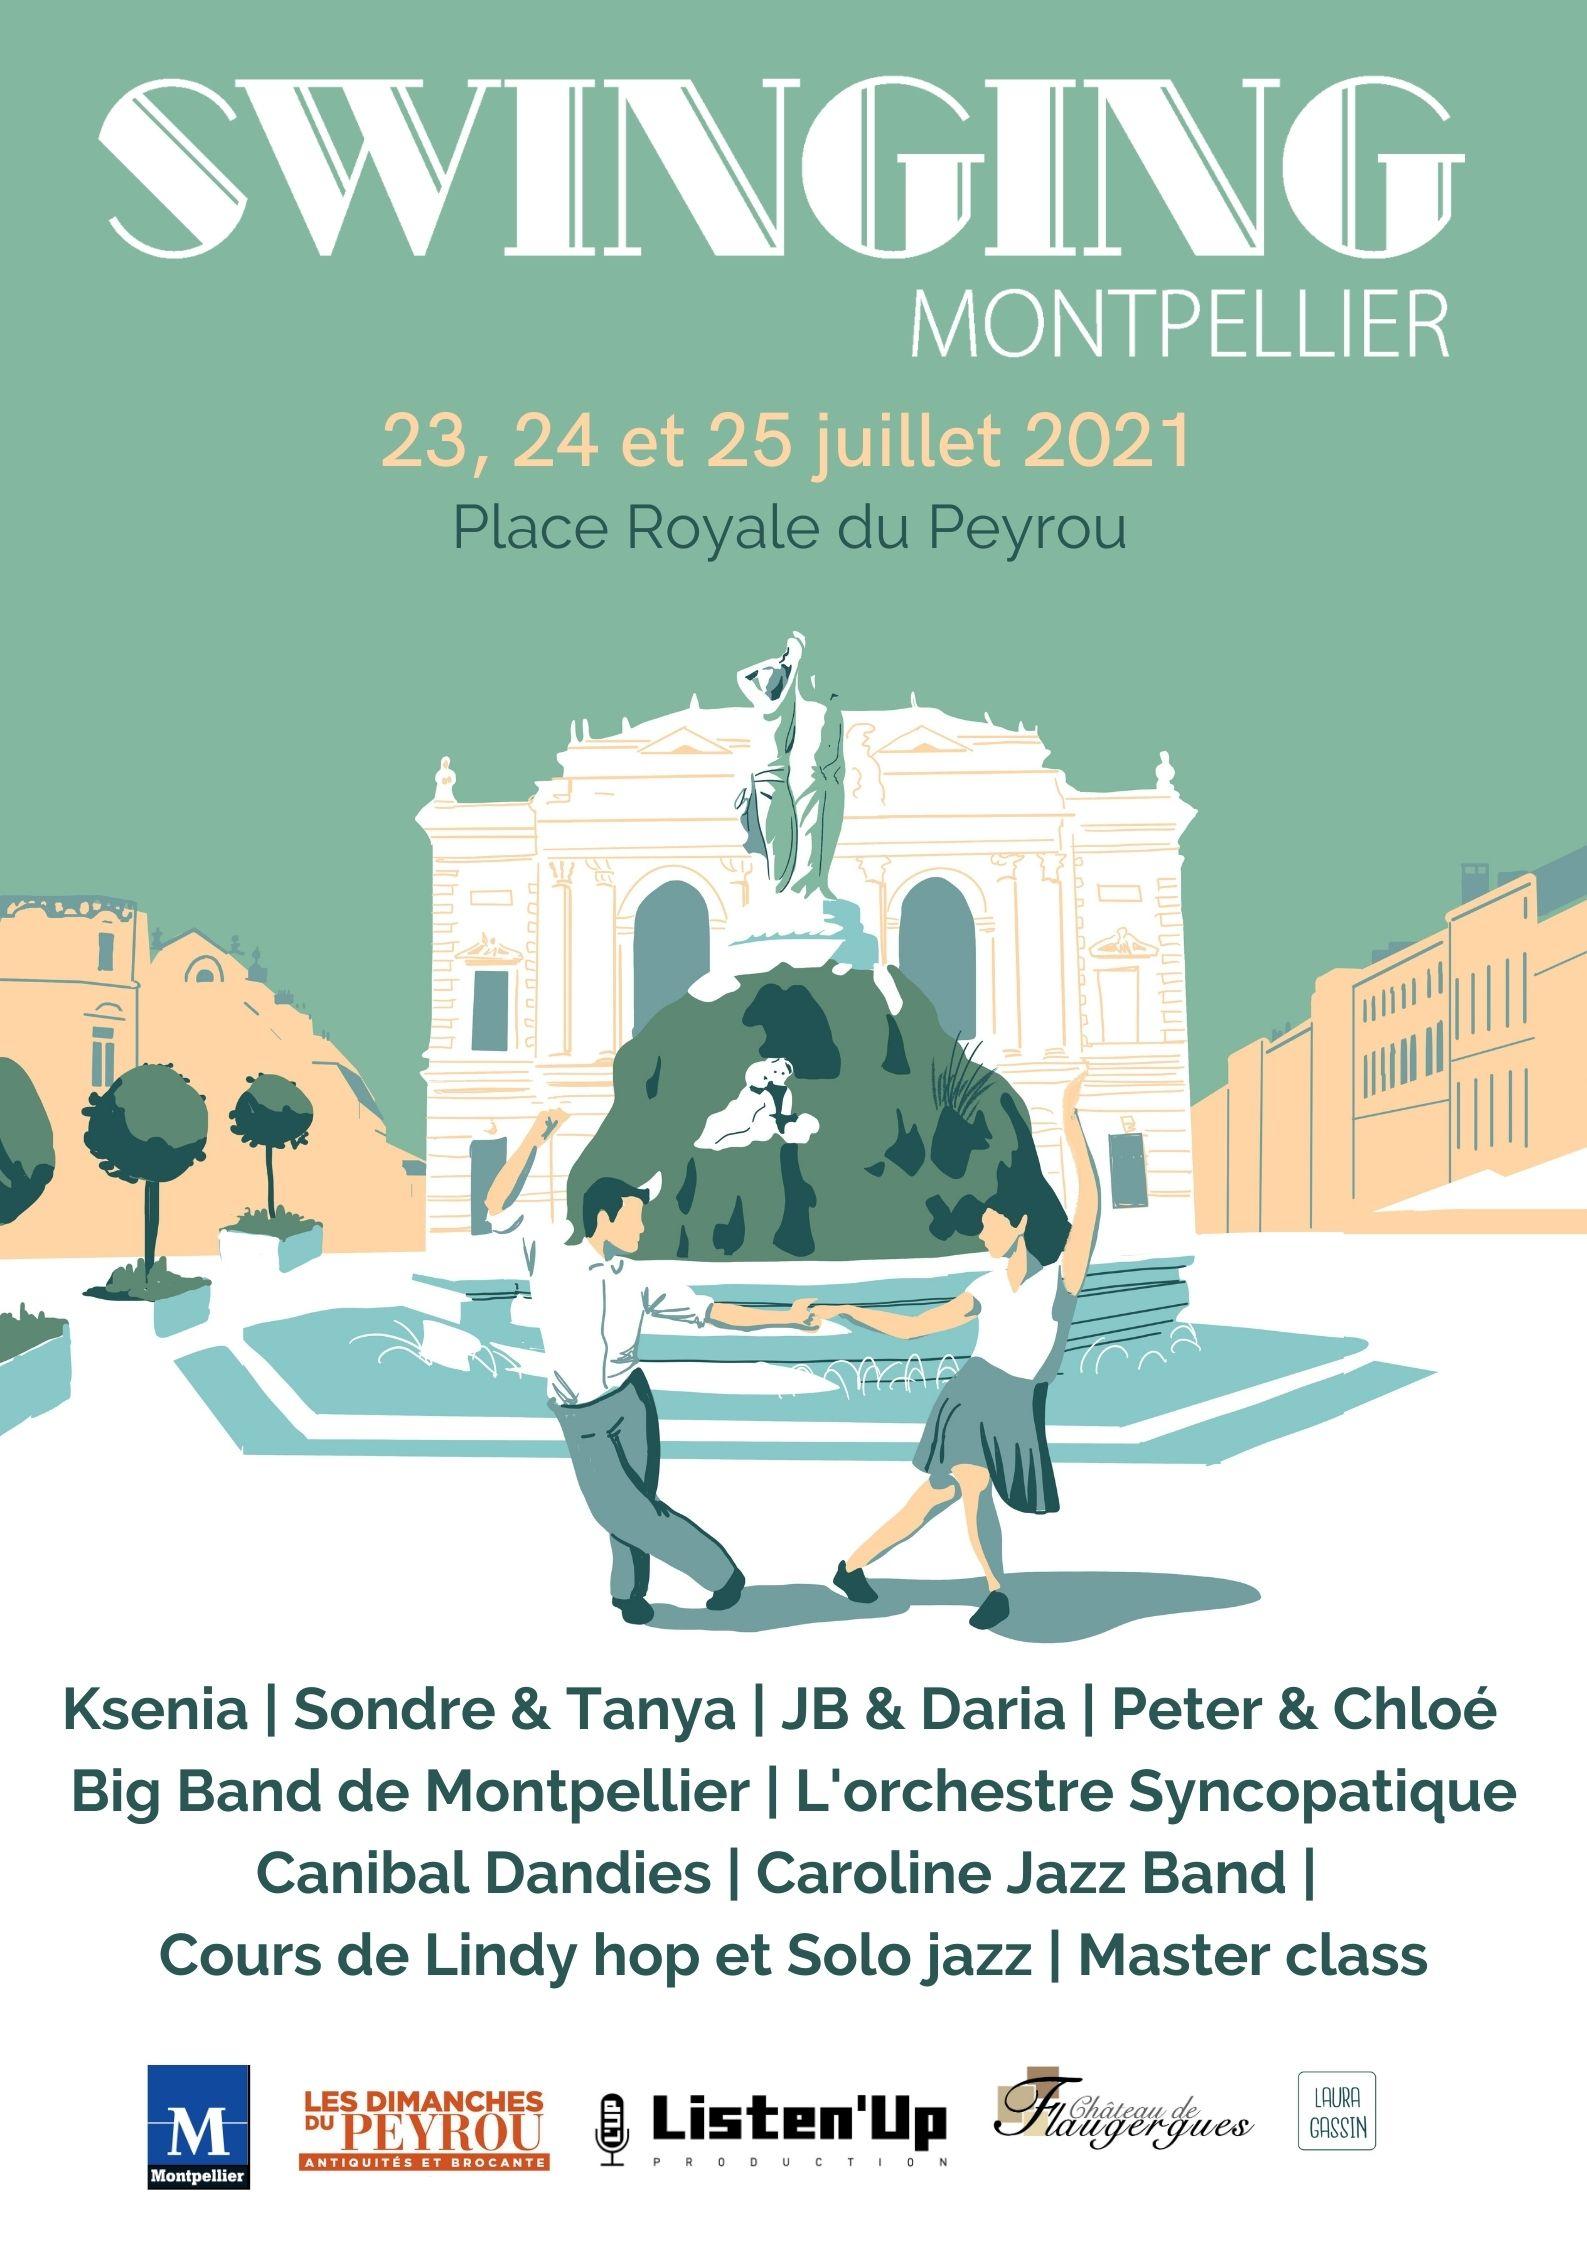 Affiche officelle de l'année 2021 du Festival international de musiques et de danses swing , Swinging Montpellier